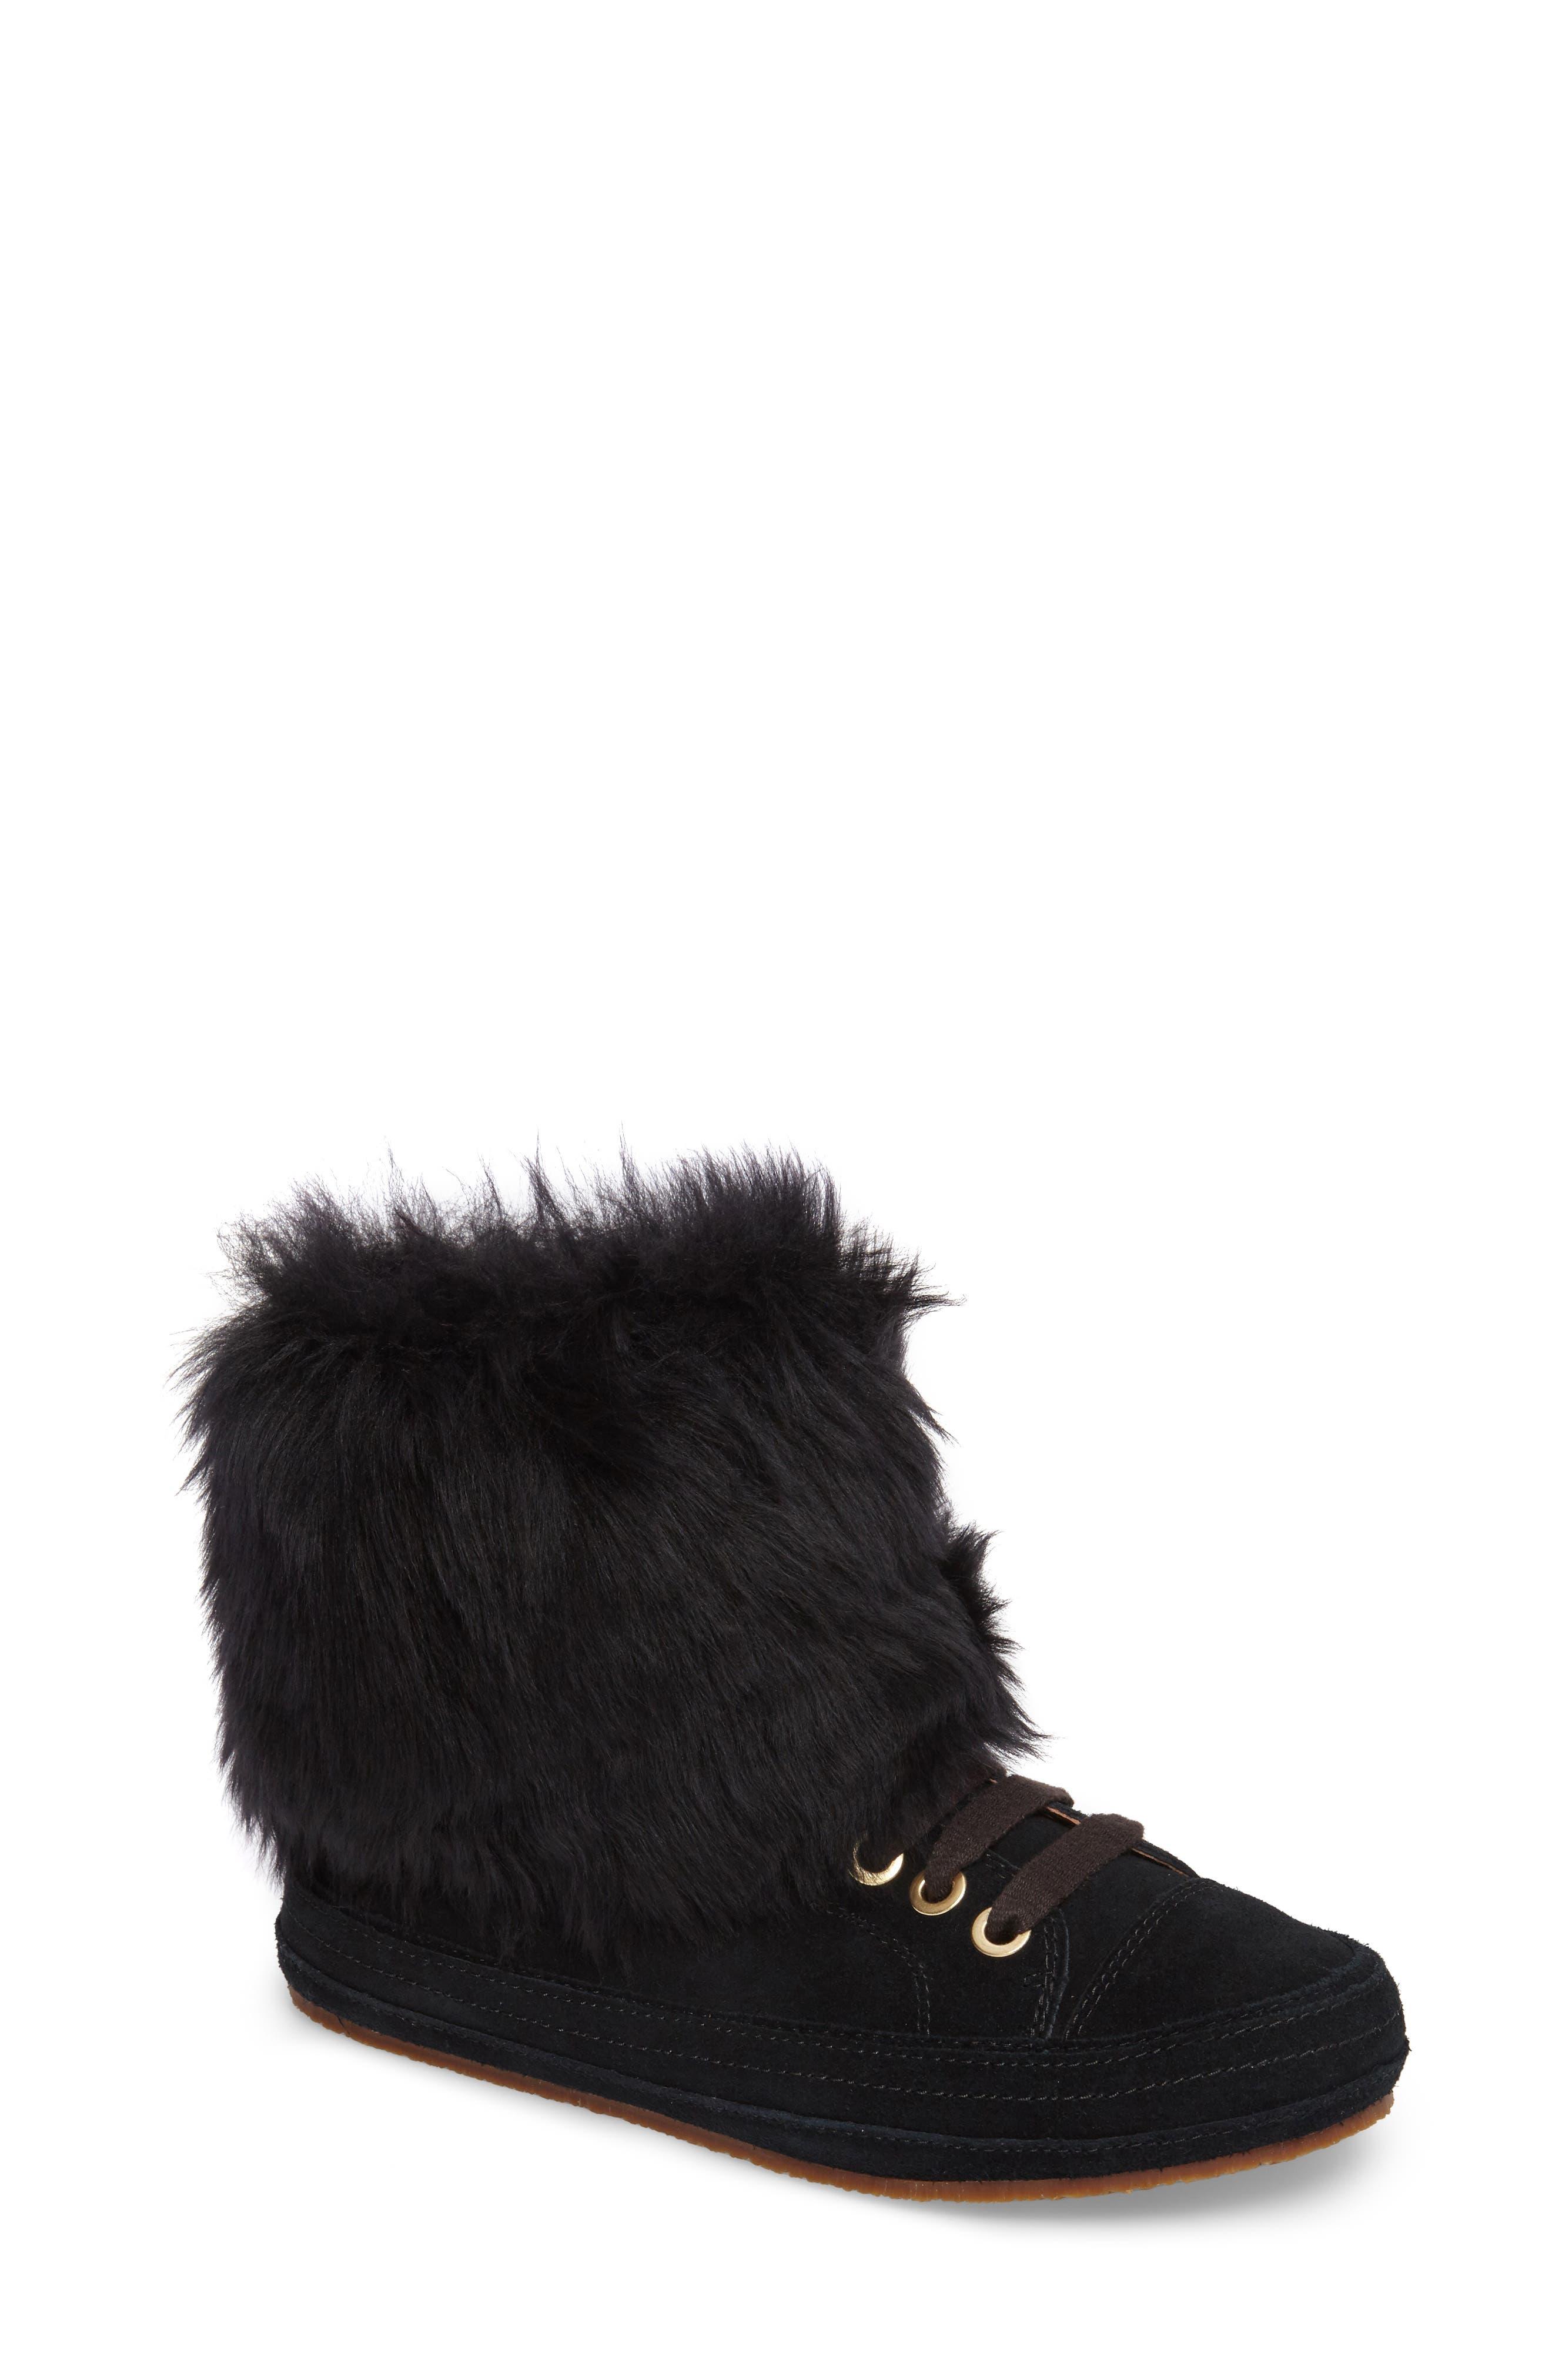 Antoine Fur Cuff Sneaker,                             Main thumbnail 1, color,                             001